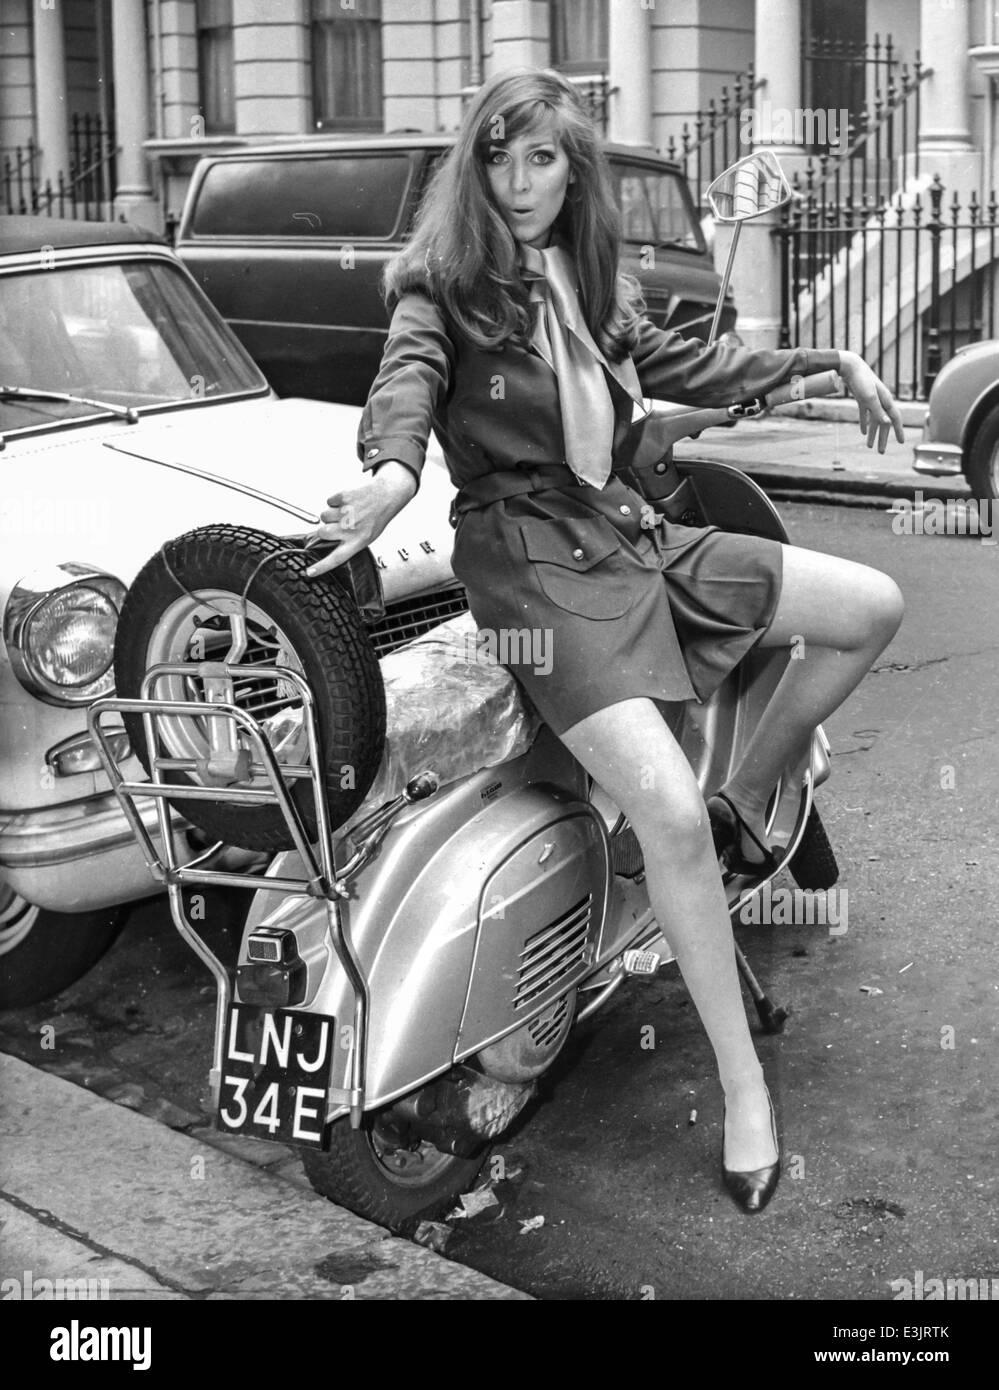 Joven sobre la Lambretta durante un servicio fotográfico,estilo 1960 Imagen De Stock